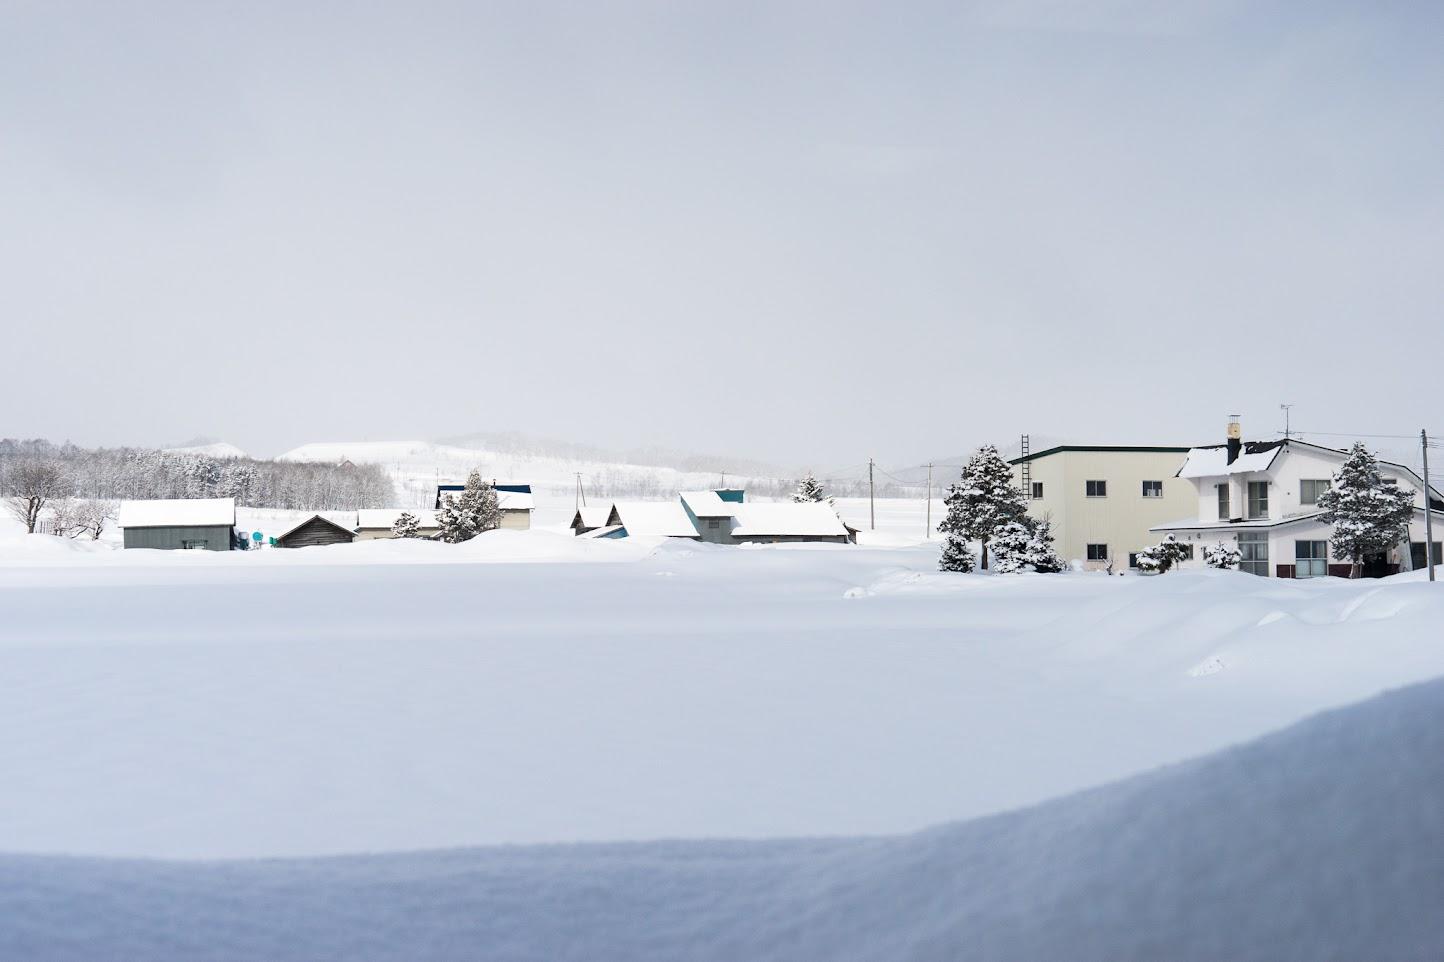 サンフラワーパーク北竜温泉からの見る冬景色